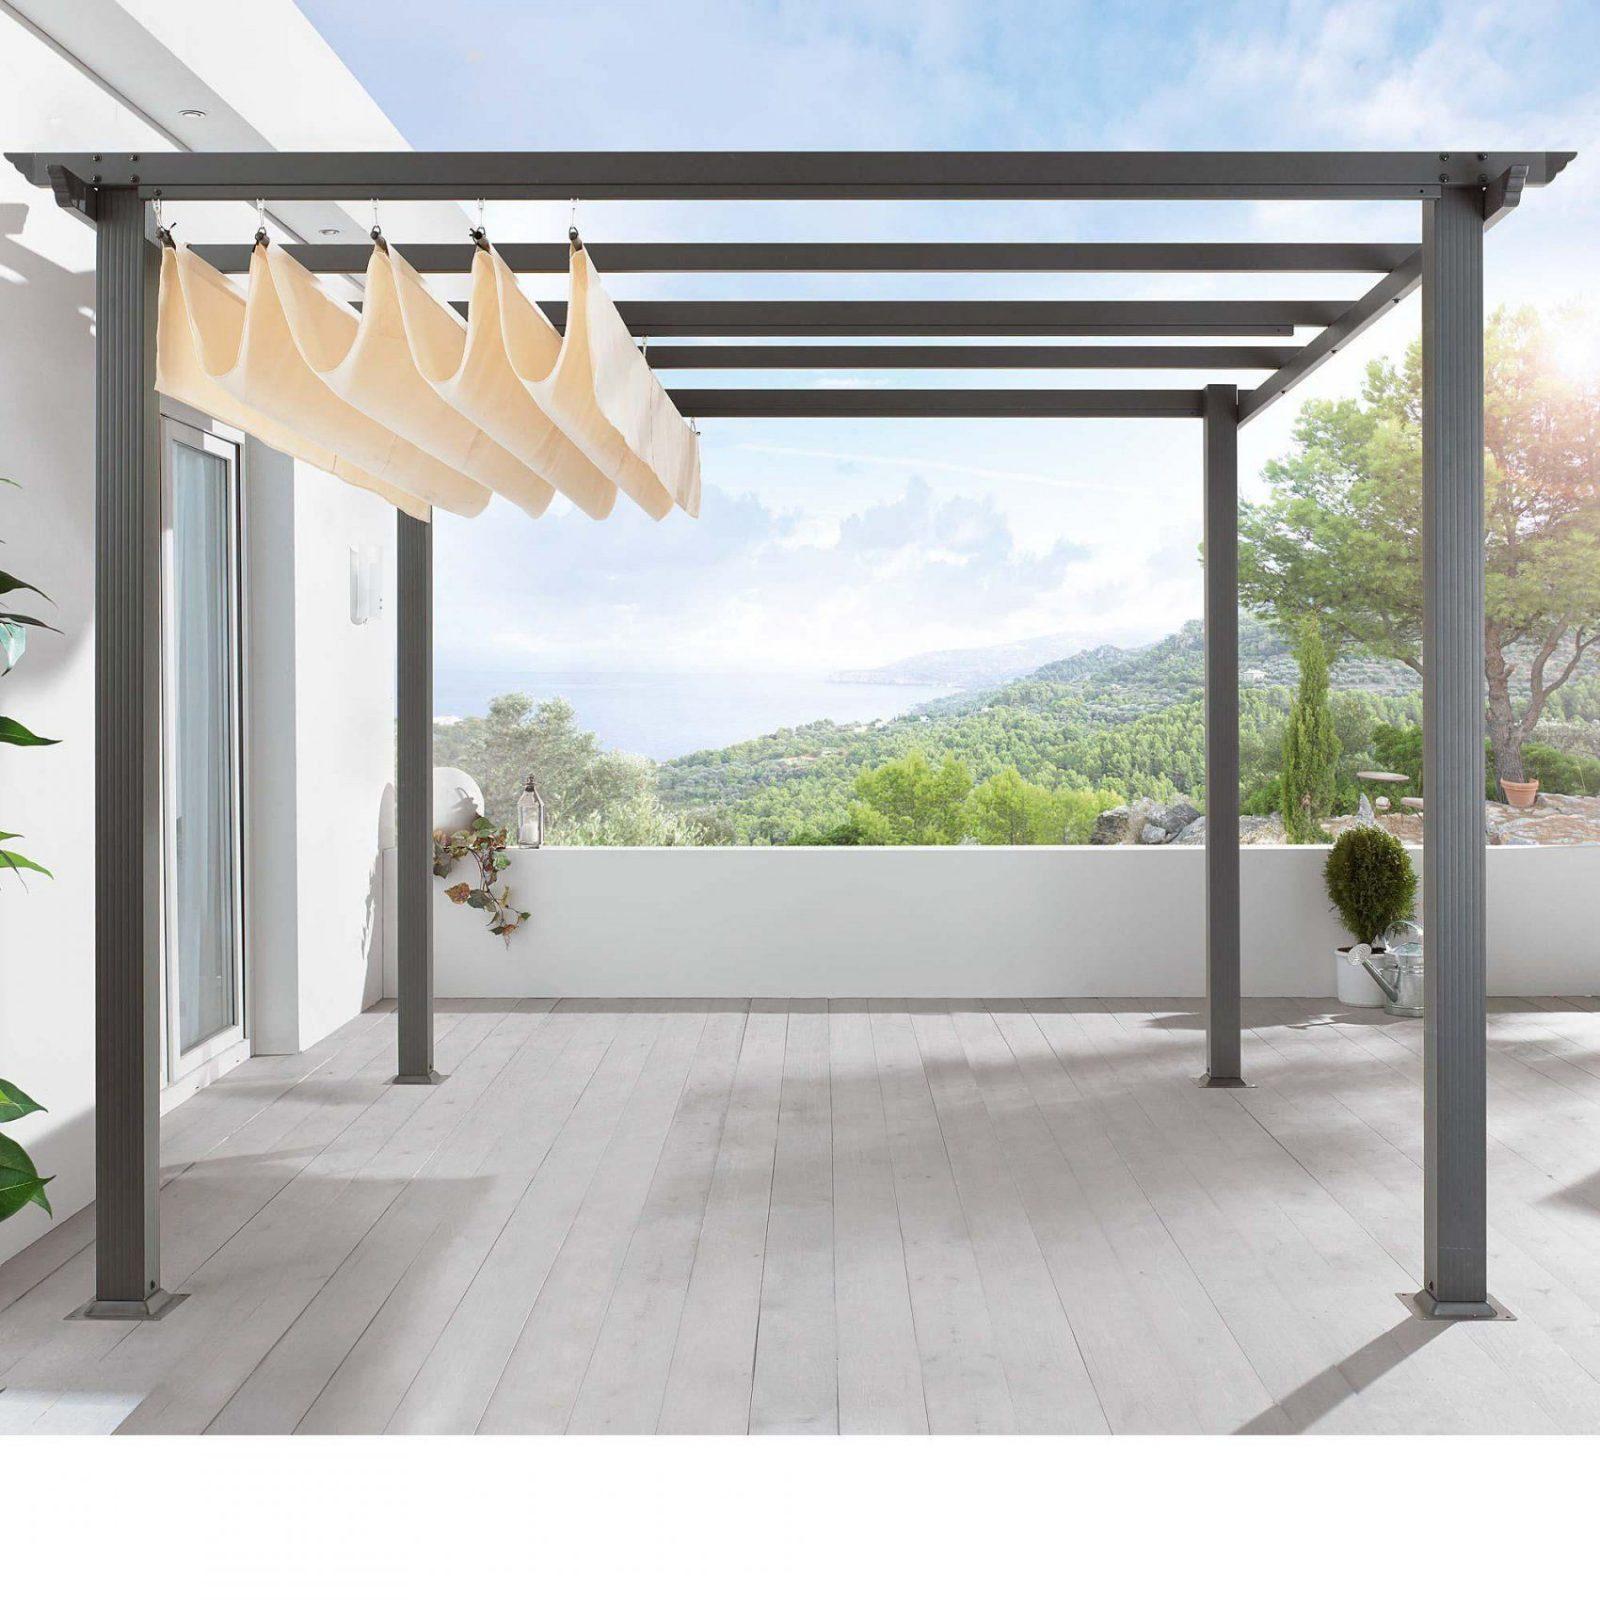 Pavillon Mit Faltdach Hh97 – Hitoiro von Sonnenschutz Pavillon Mit Faltdach Bild